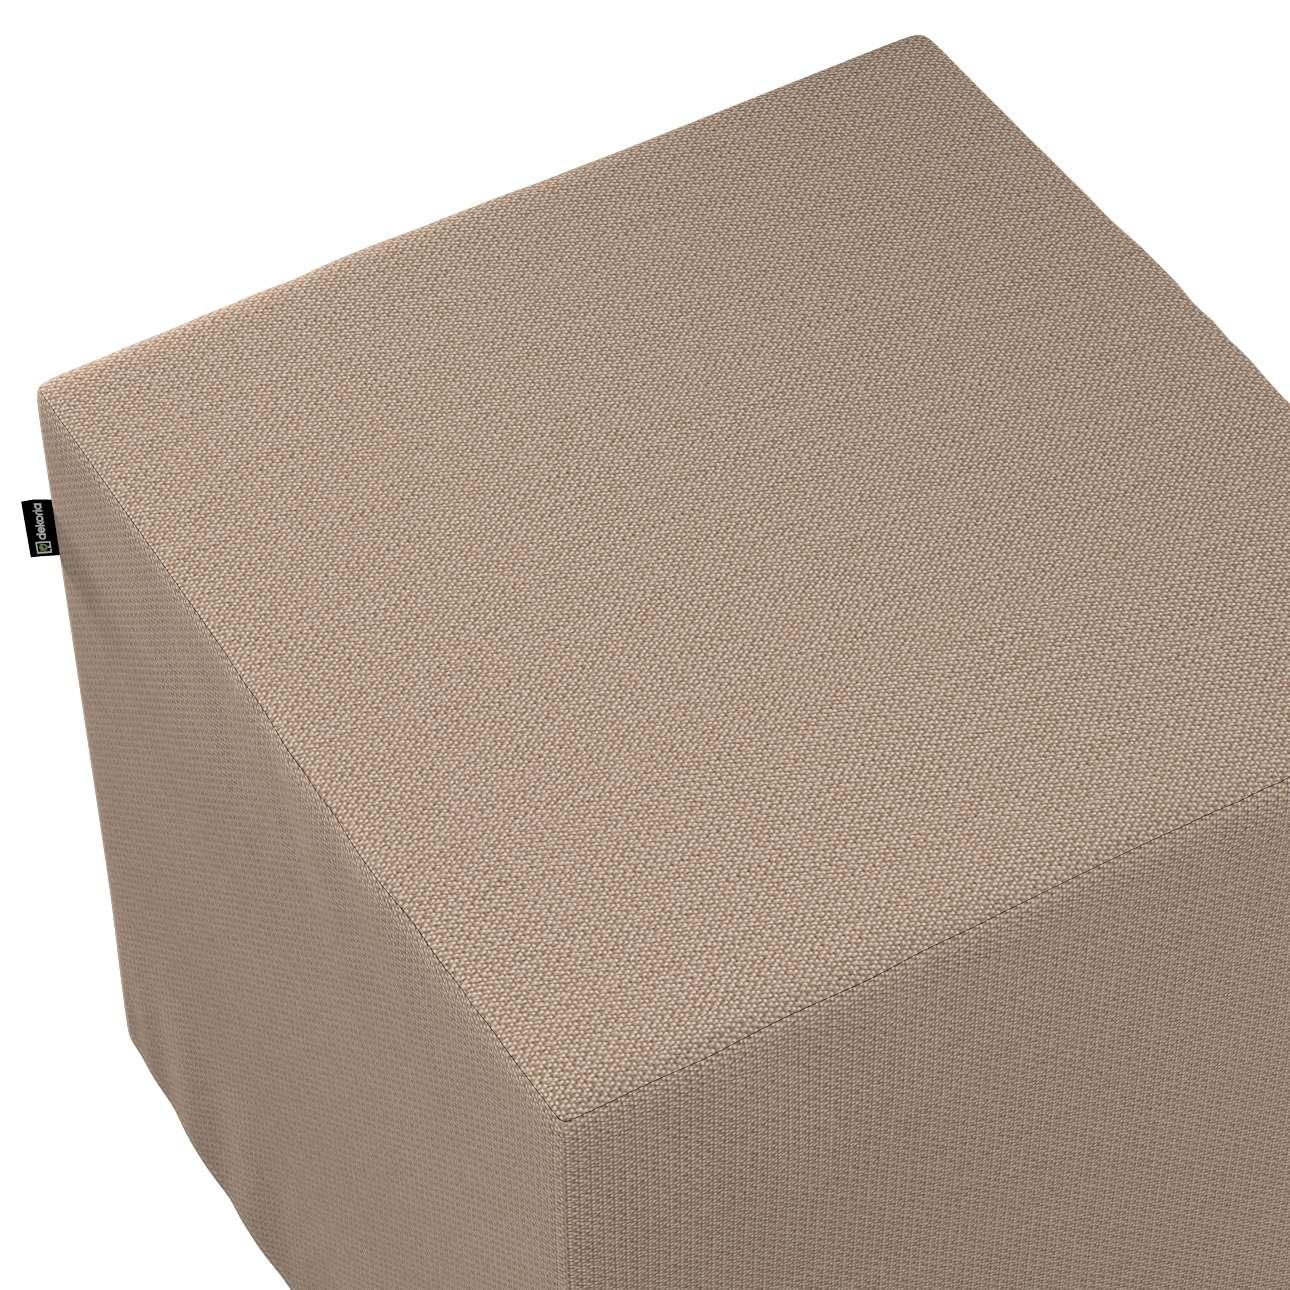 Bezug für Sitzwürfel von der Kollektion Bergen, Stoff: 161-75